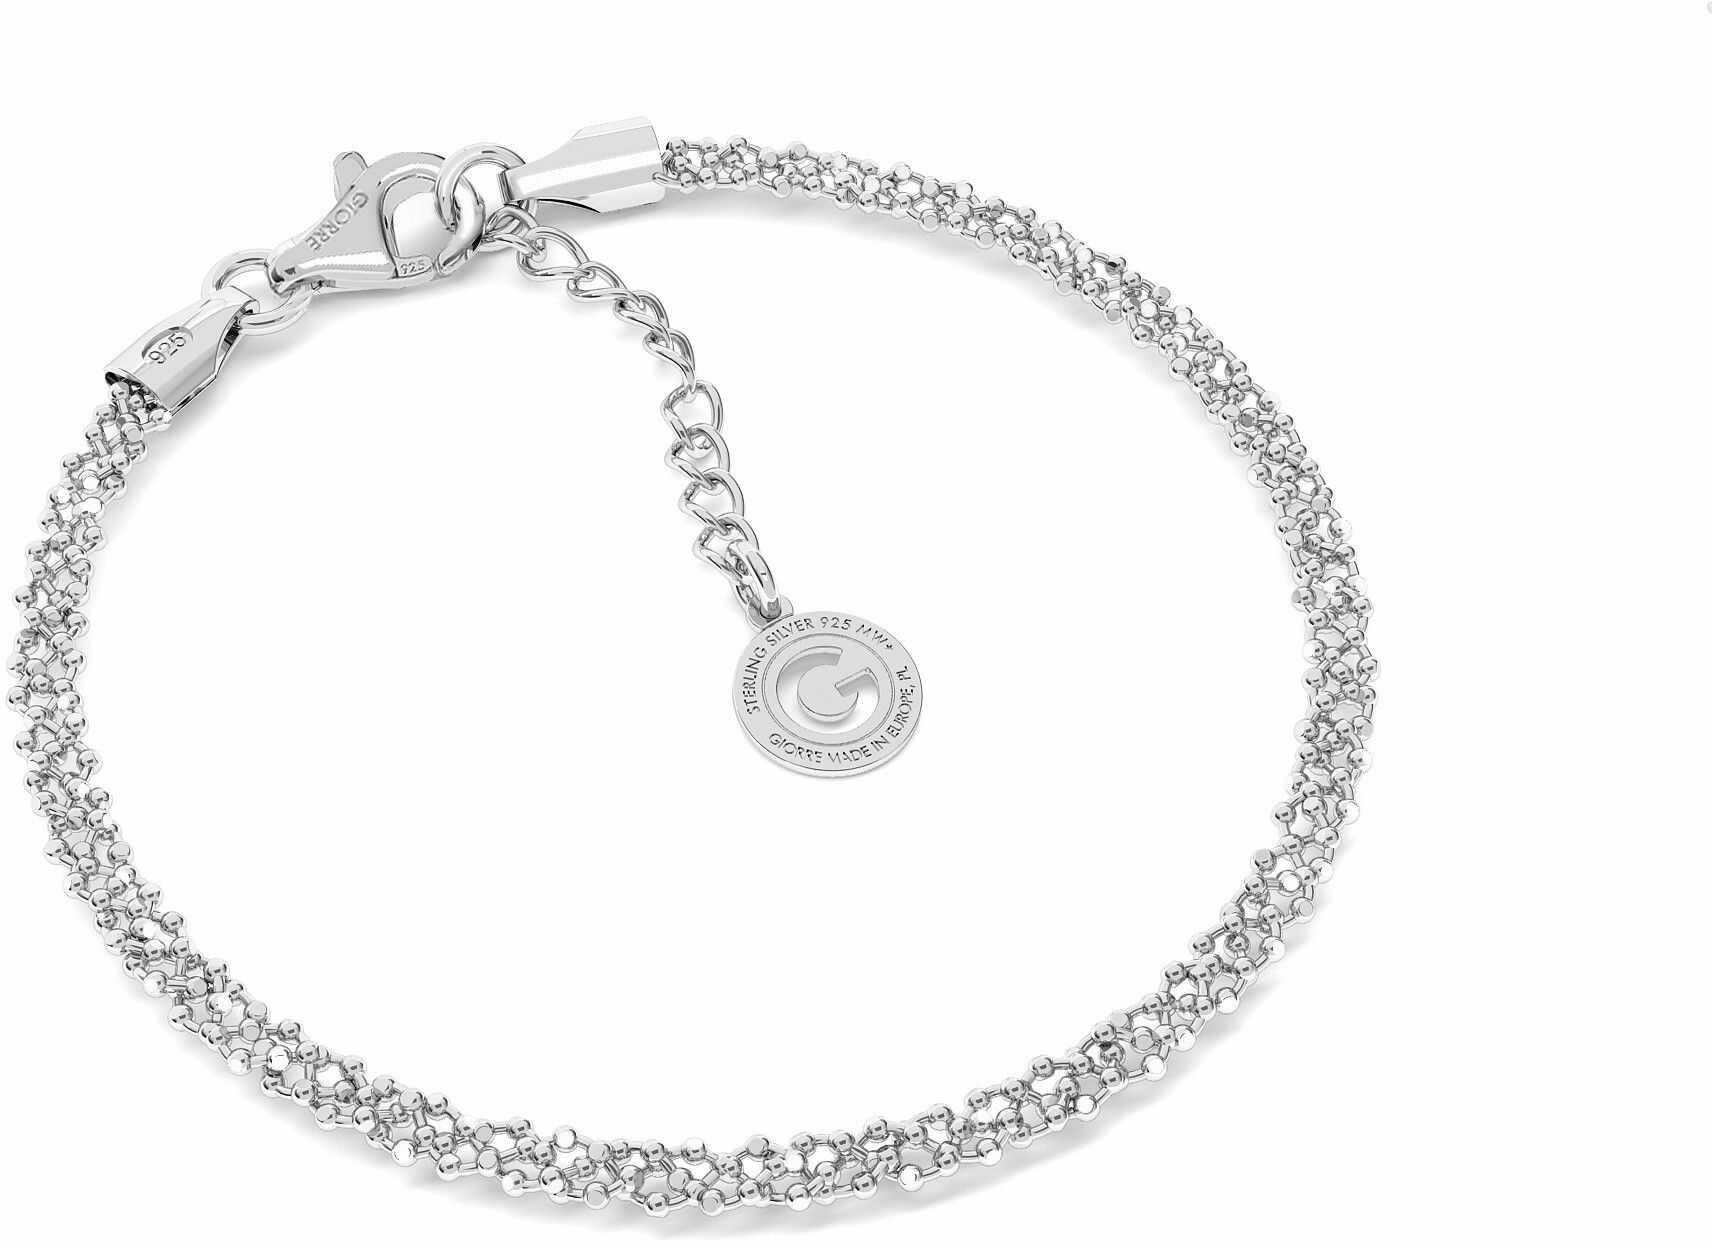 Srebrna bransoletka pleciona z 3 łańcuszków kulkowych, srebro 925 : Srebro - kolor pokrycia - Pokrycie platyną